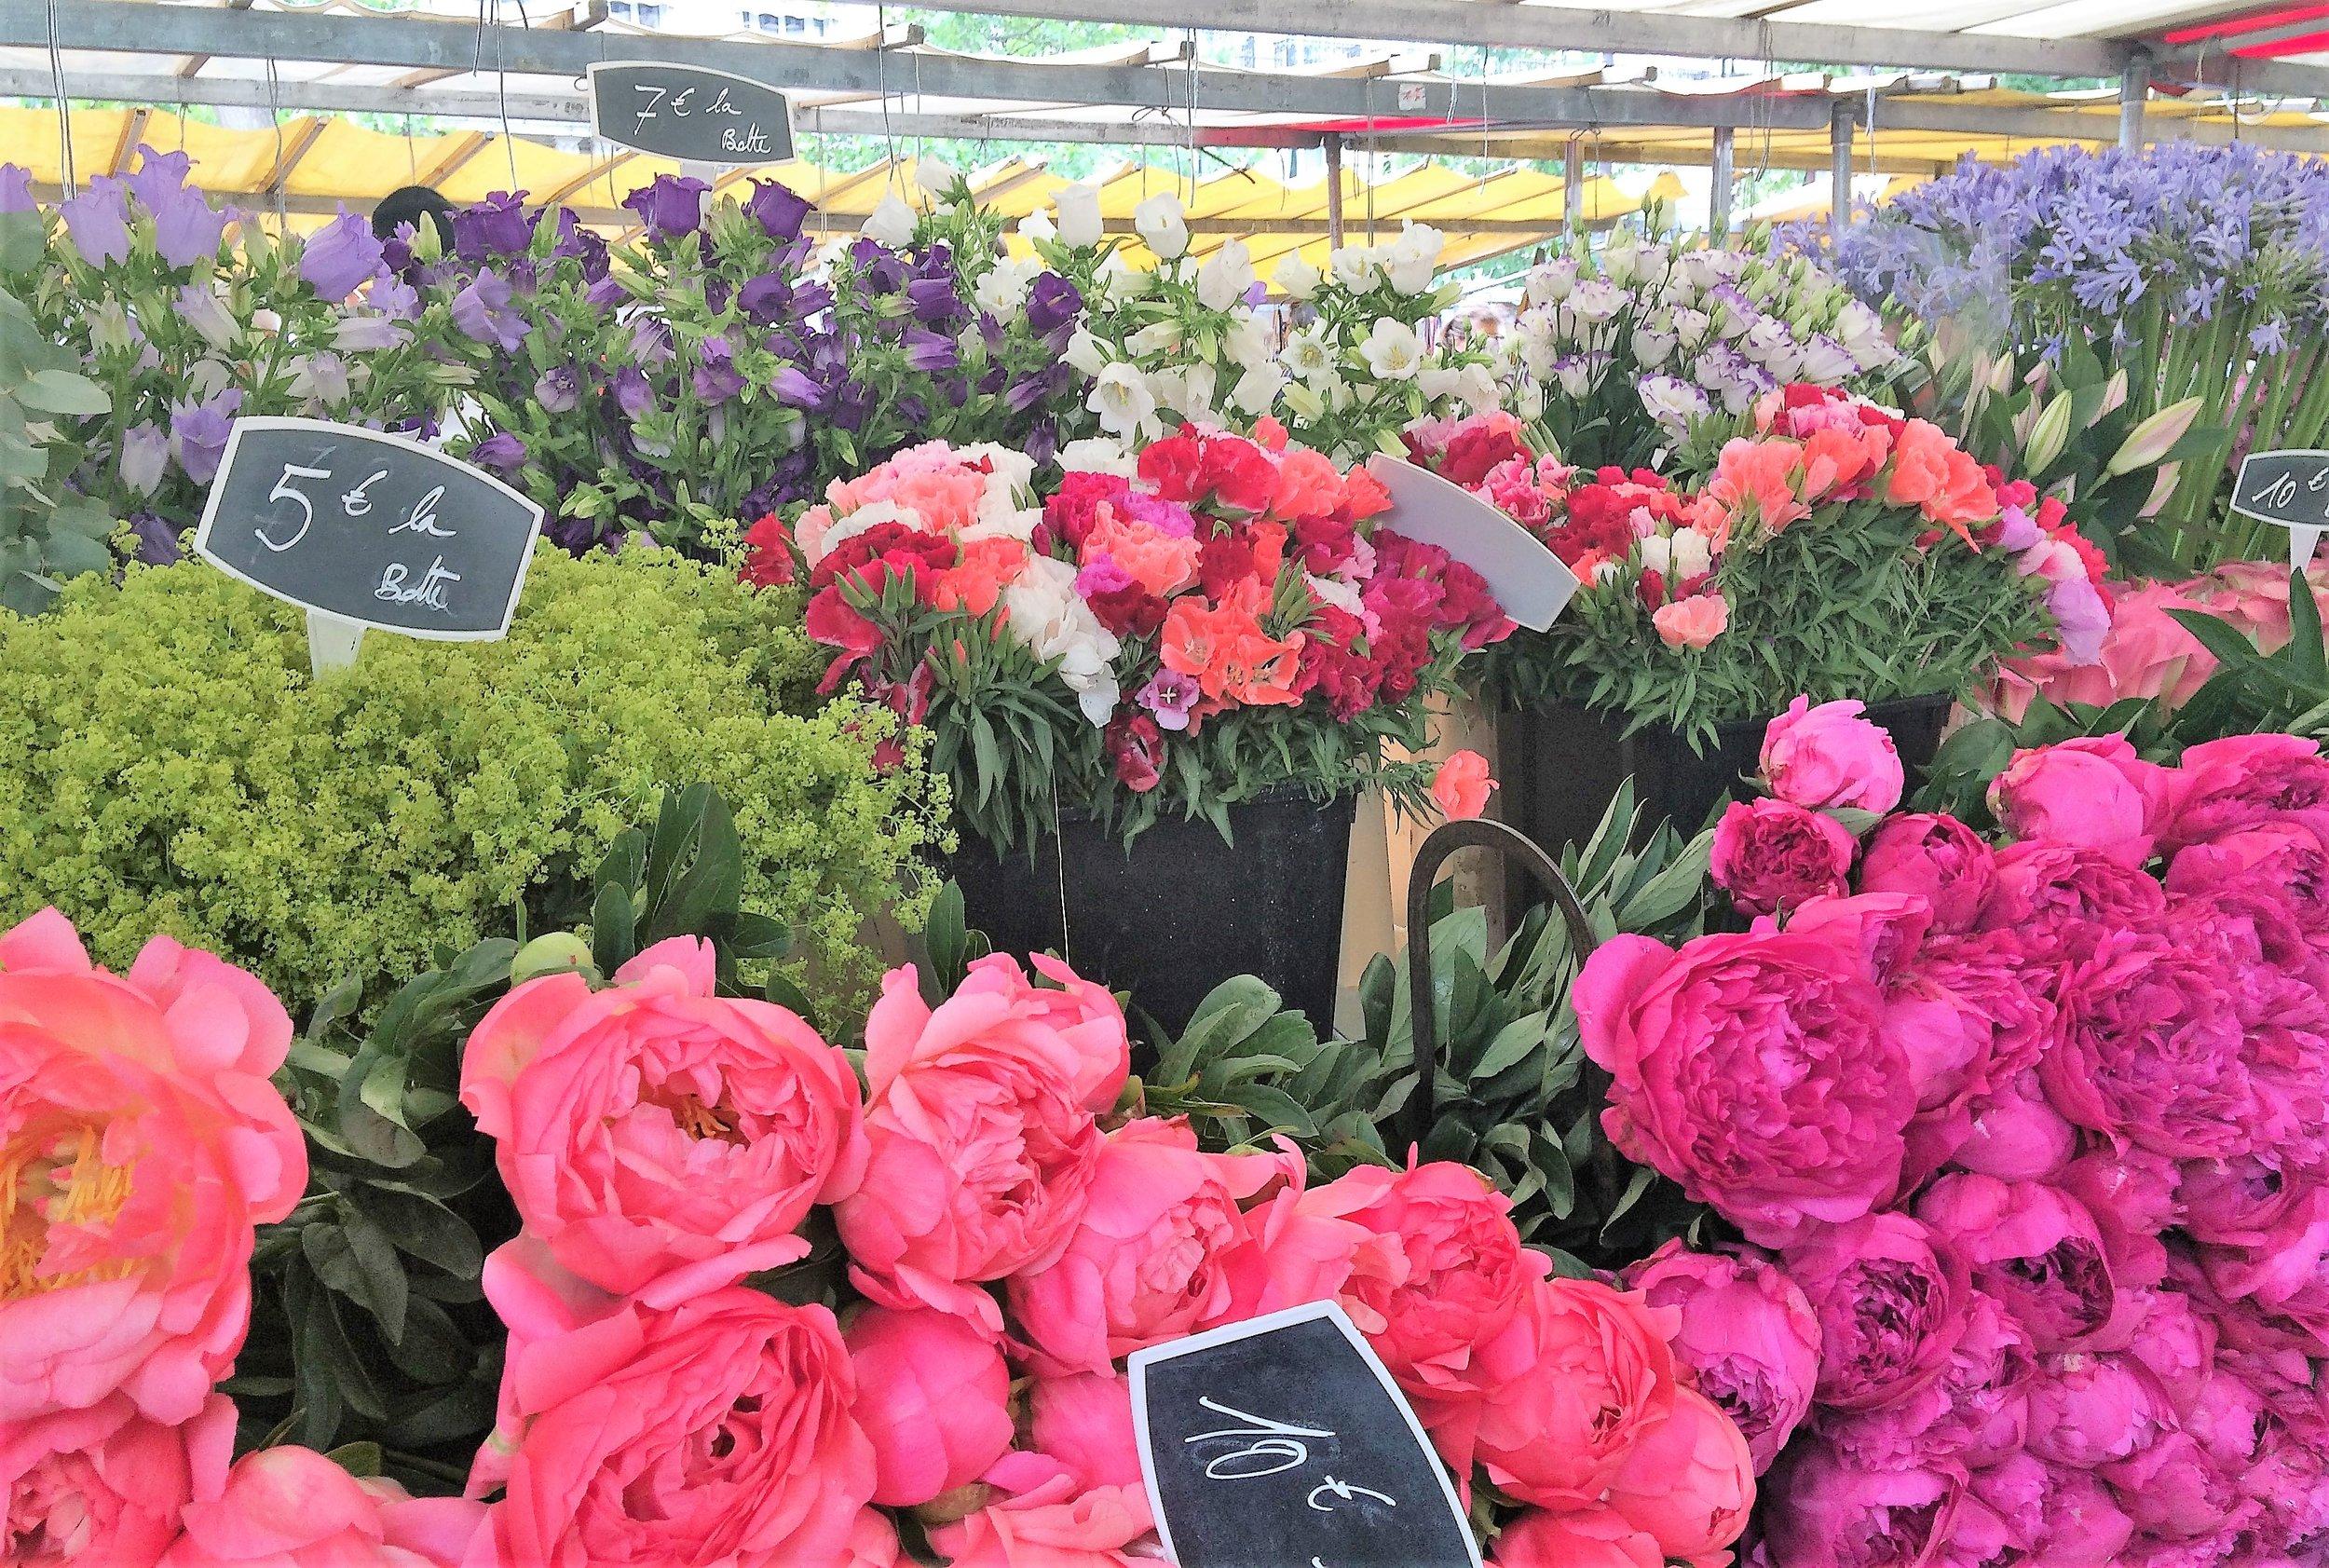 Sunday morning market in the Marais